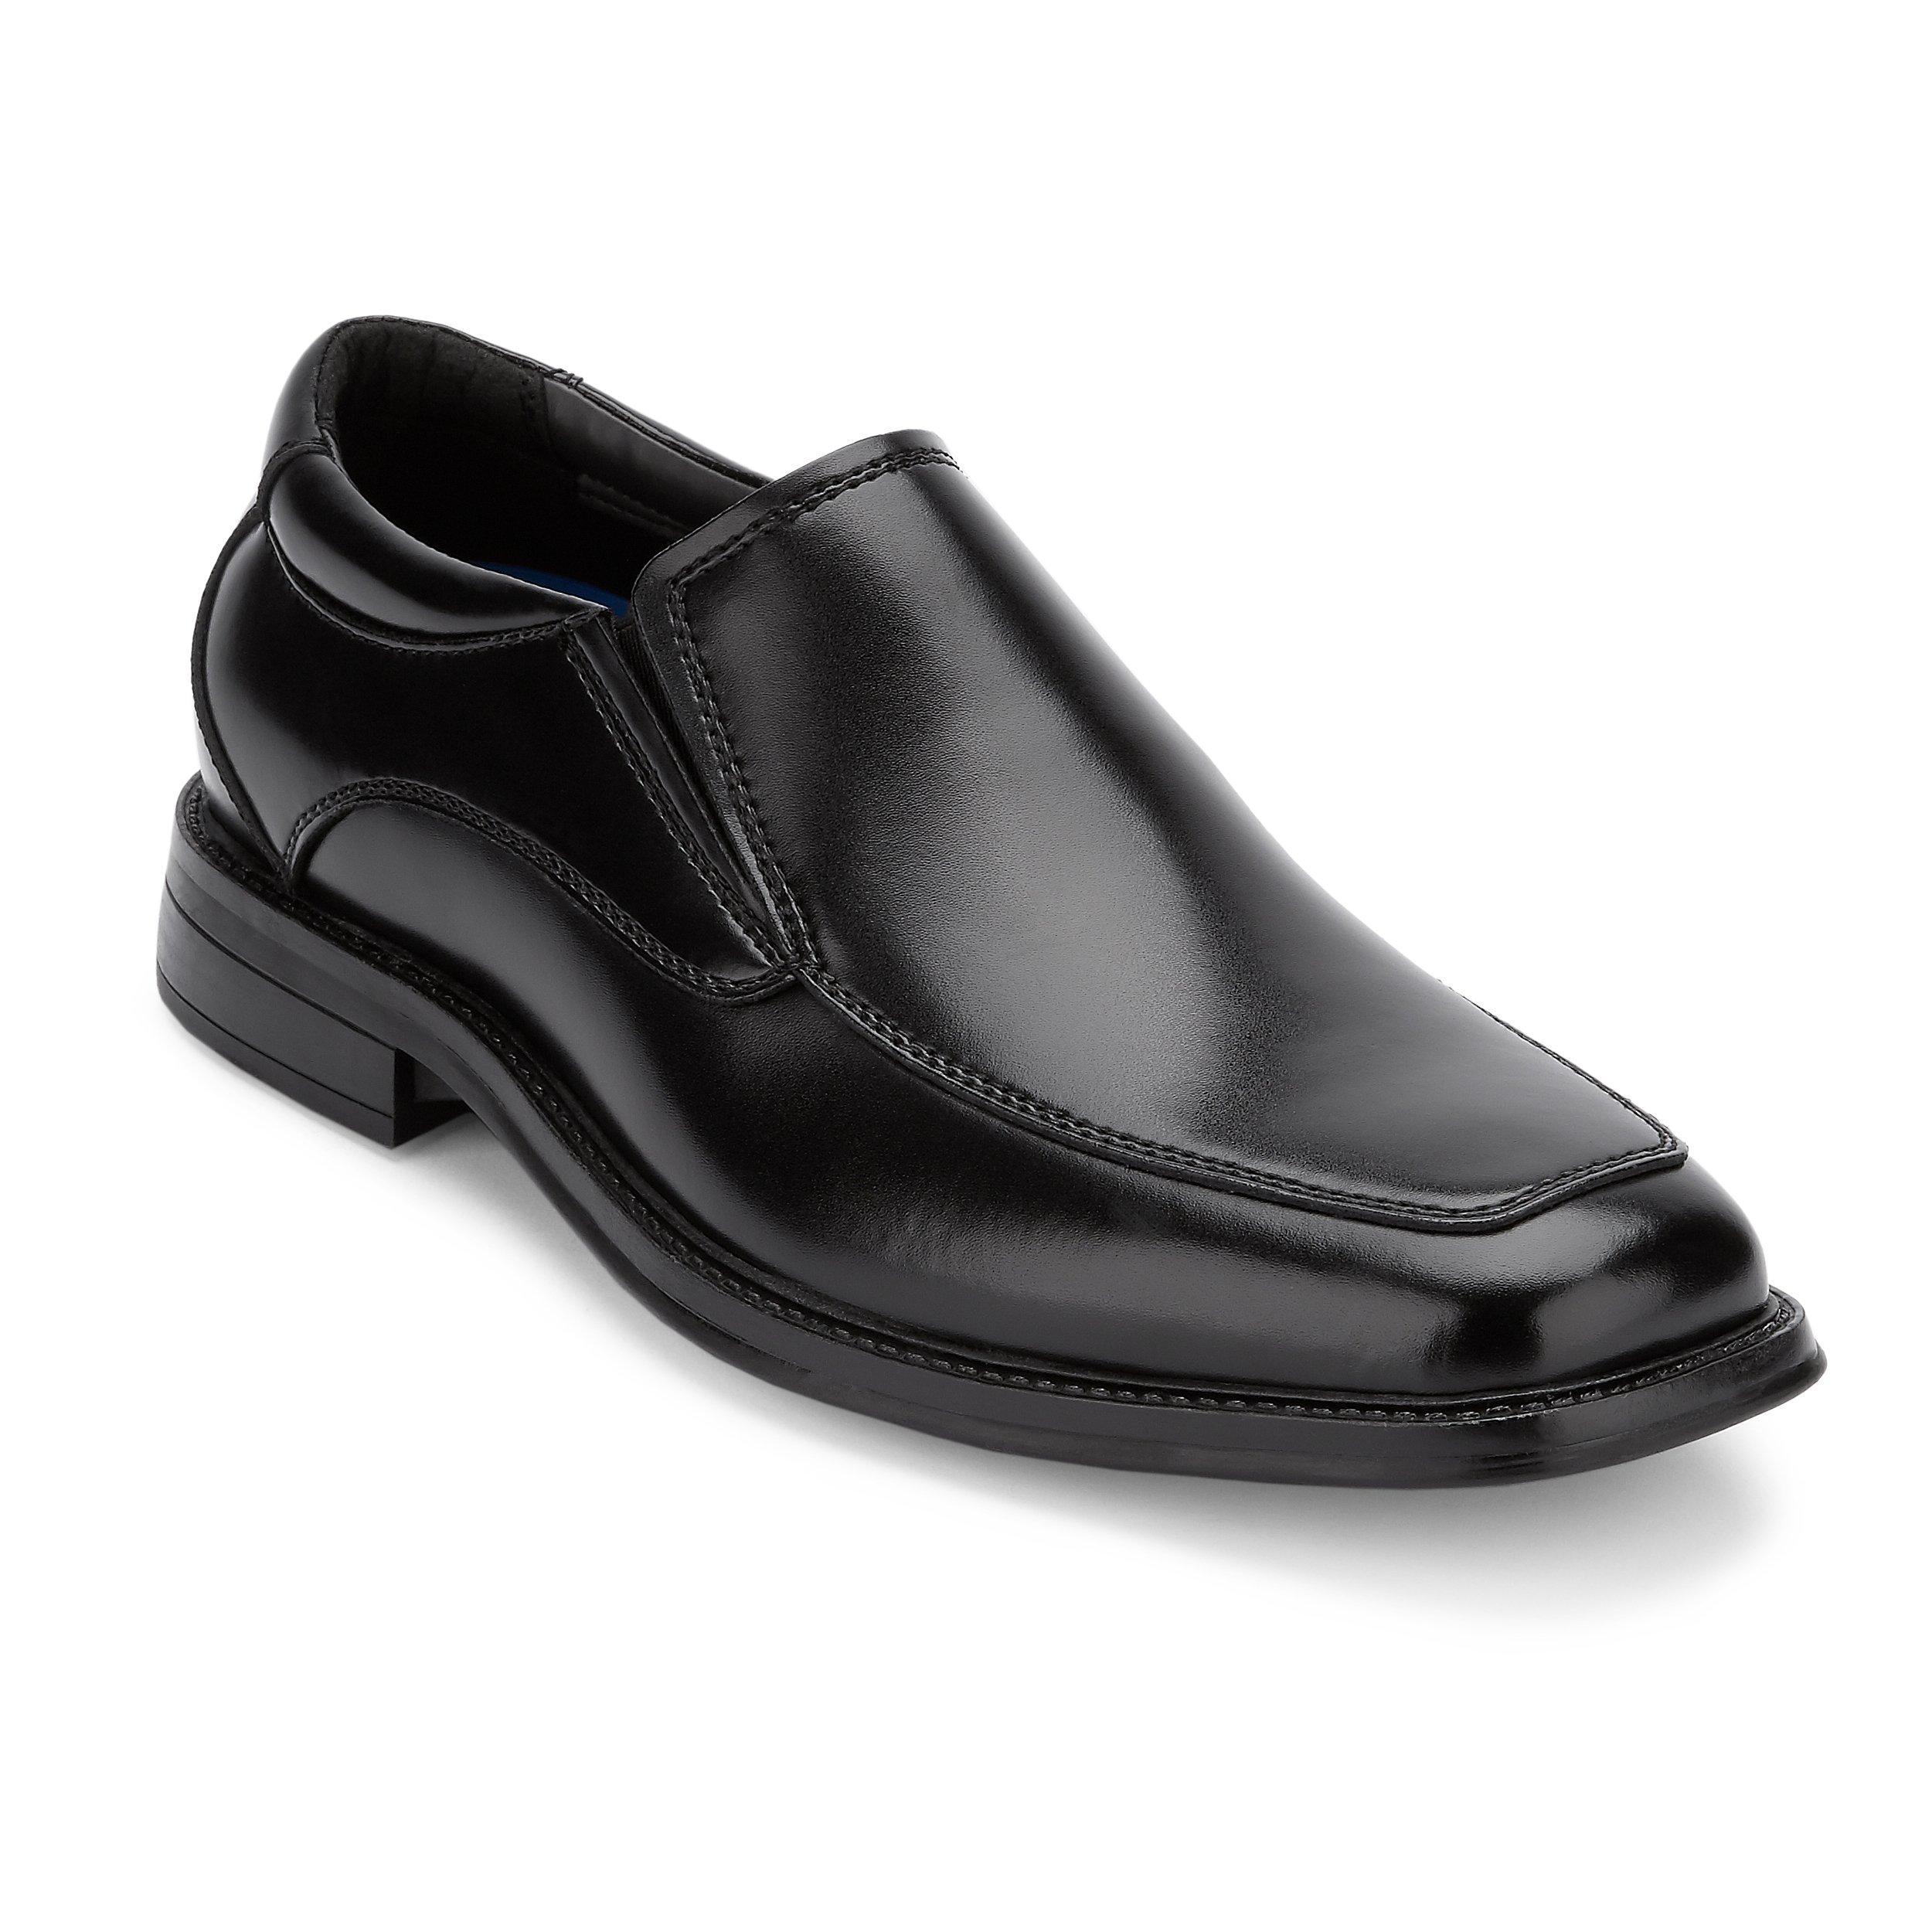 Dockers Men's Lawton Slip Resistant Work Shoe by Dockers